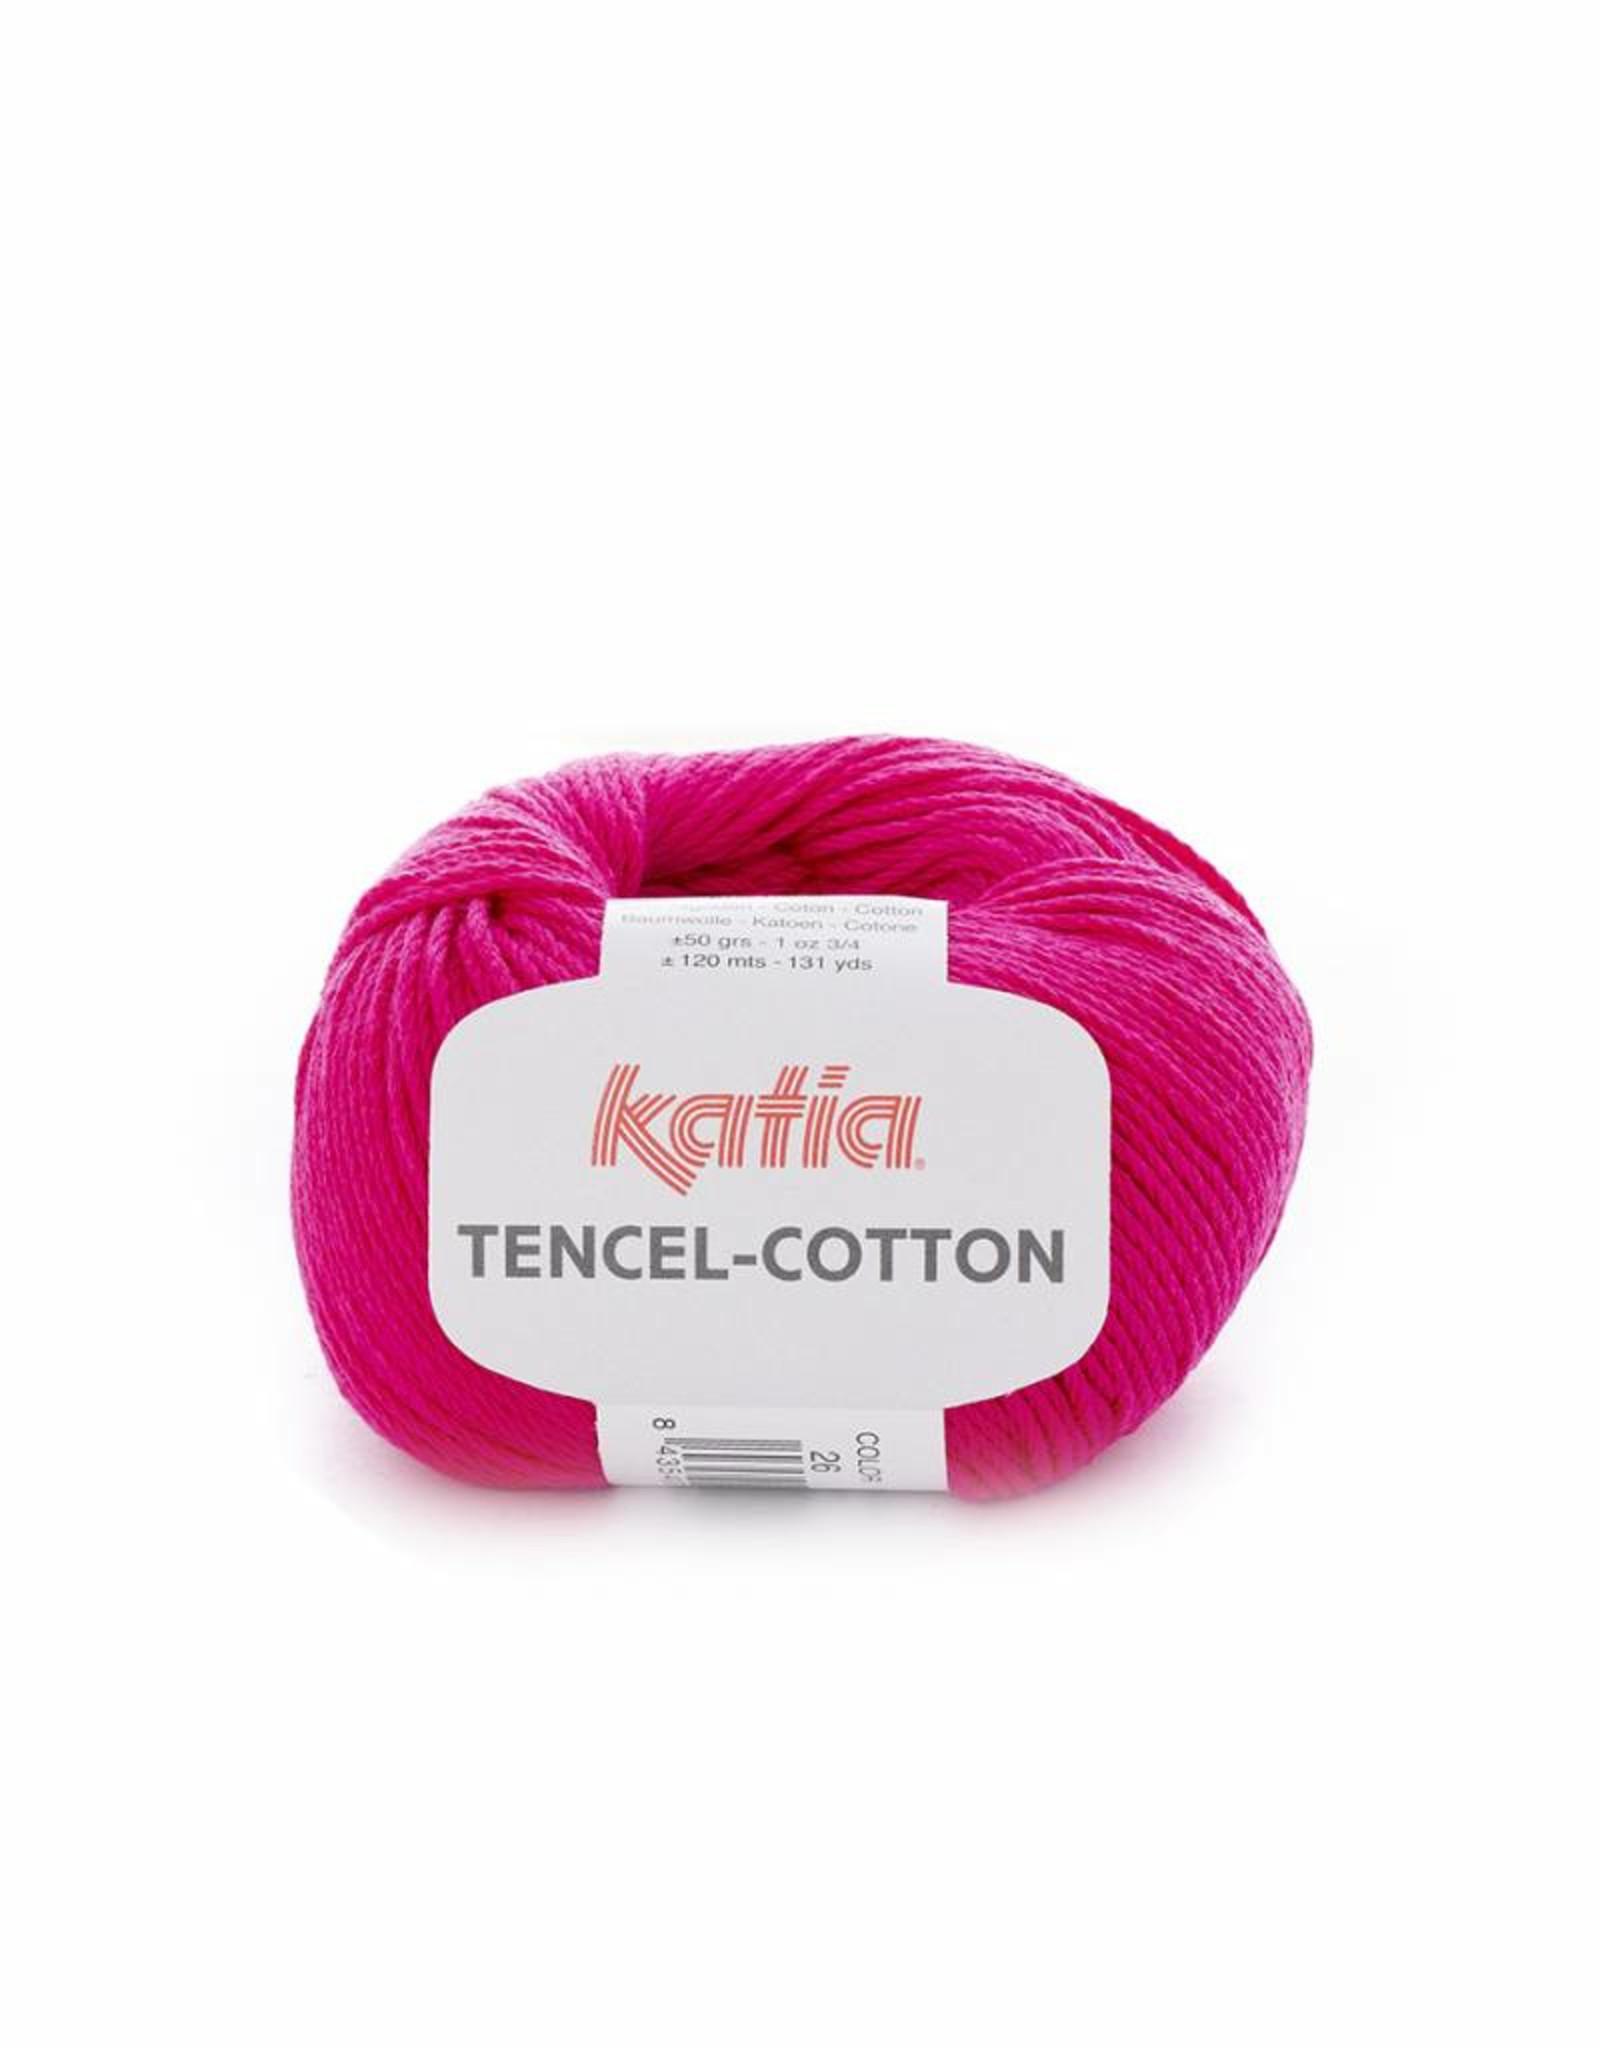 Katia Tencel-Cotton (2)